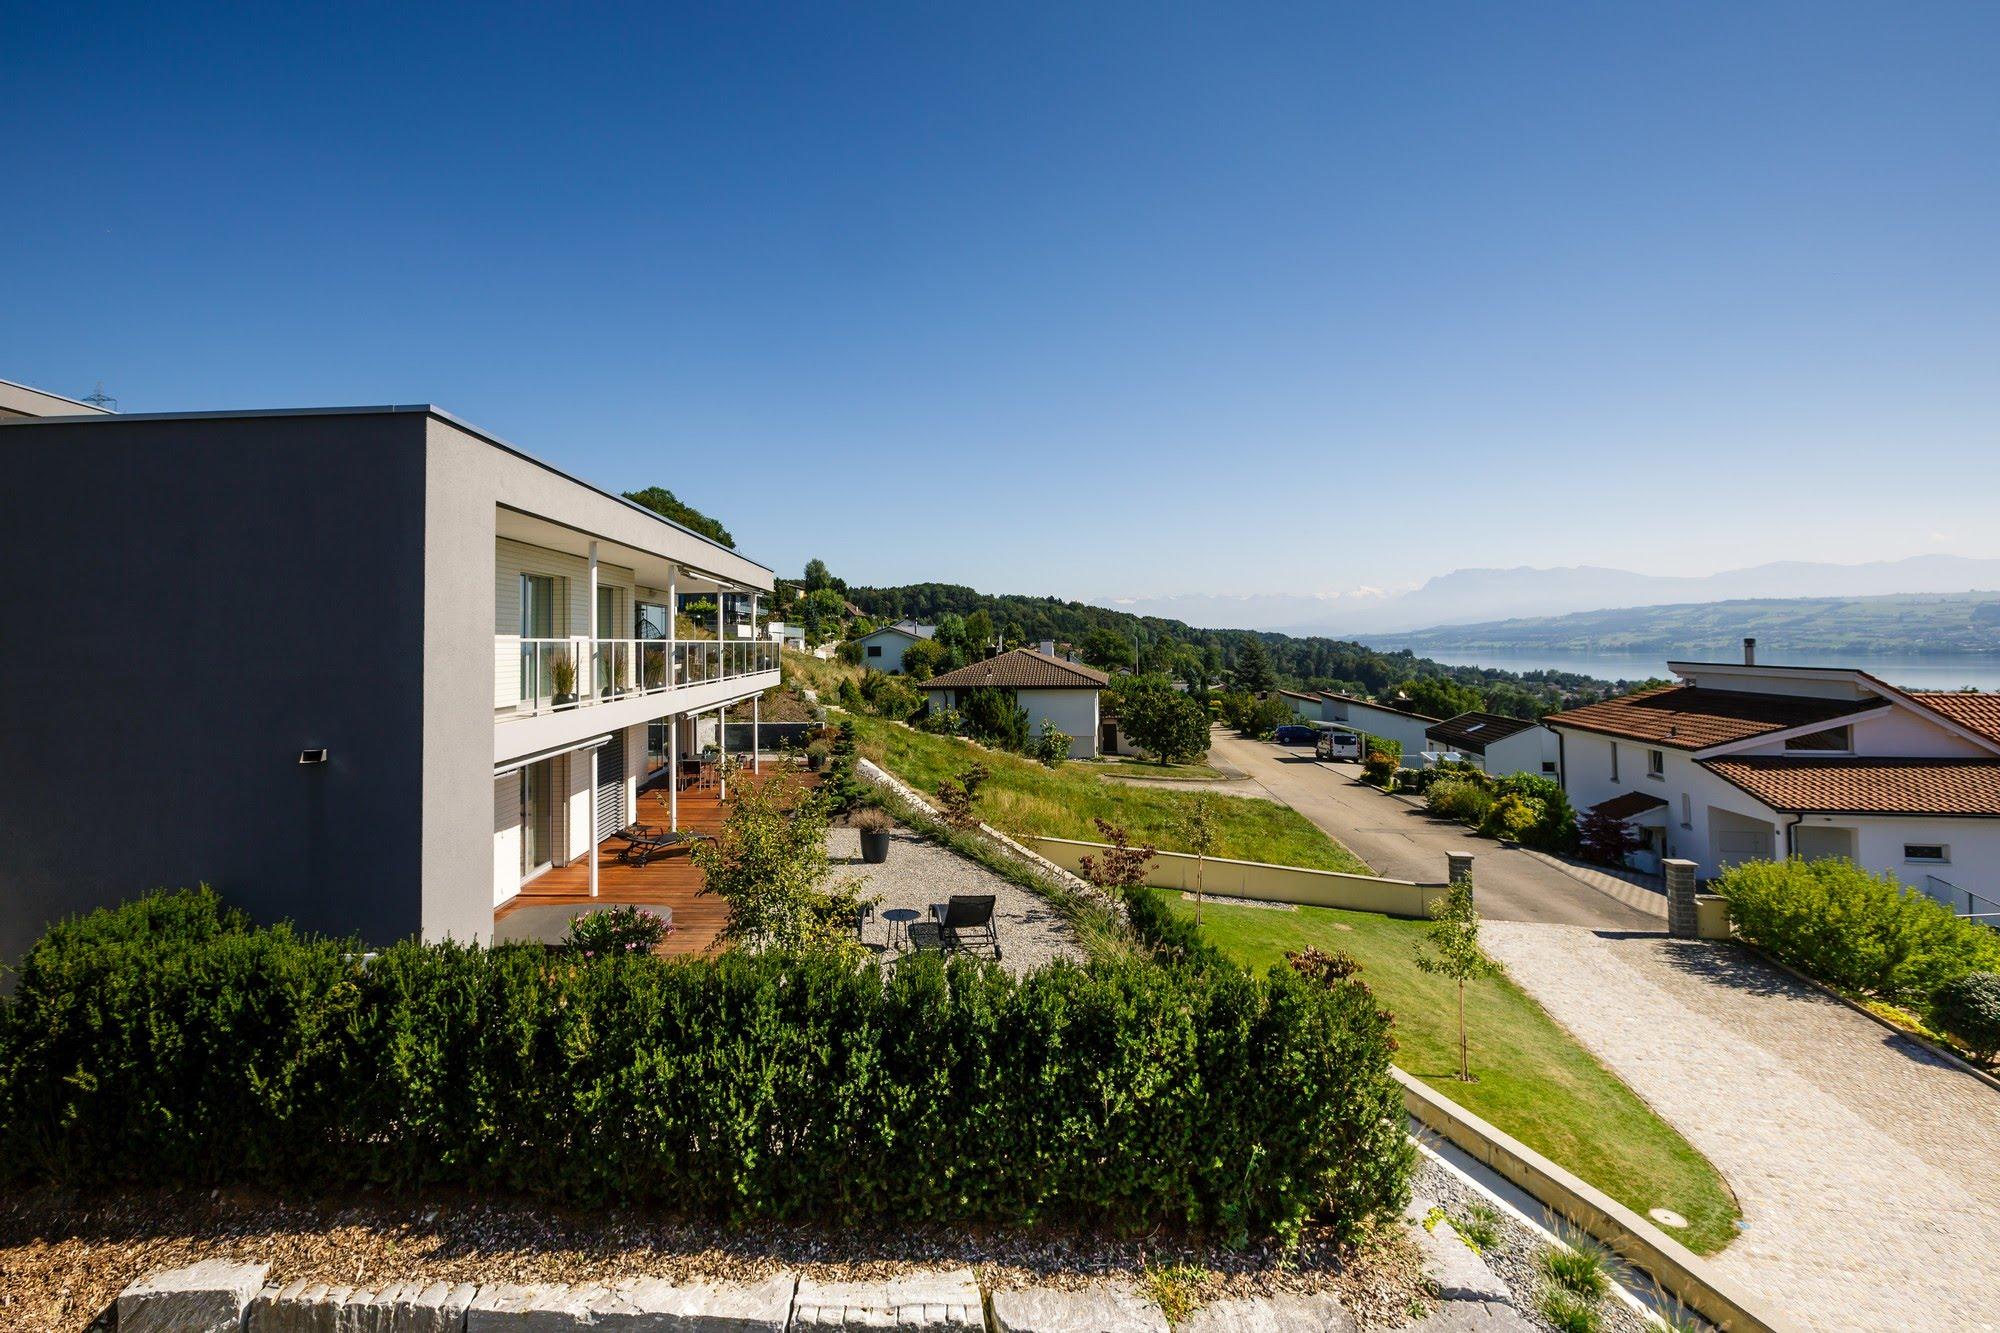 Wohnen MFH Sechs MFH am Tannberg Architektur,Wohnungsbau,Wohnhäuser,Einfamilienhäuser,Mehrfamilienhäuser